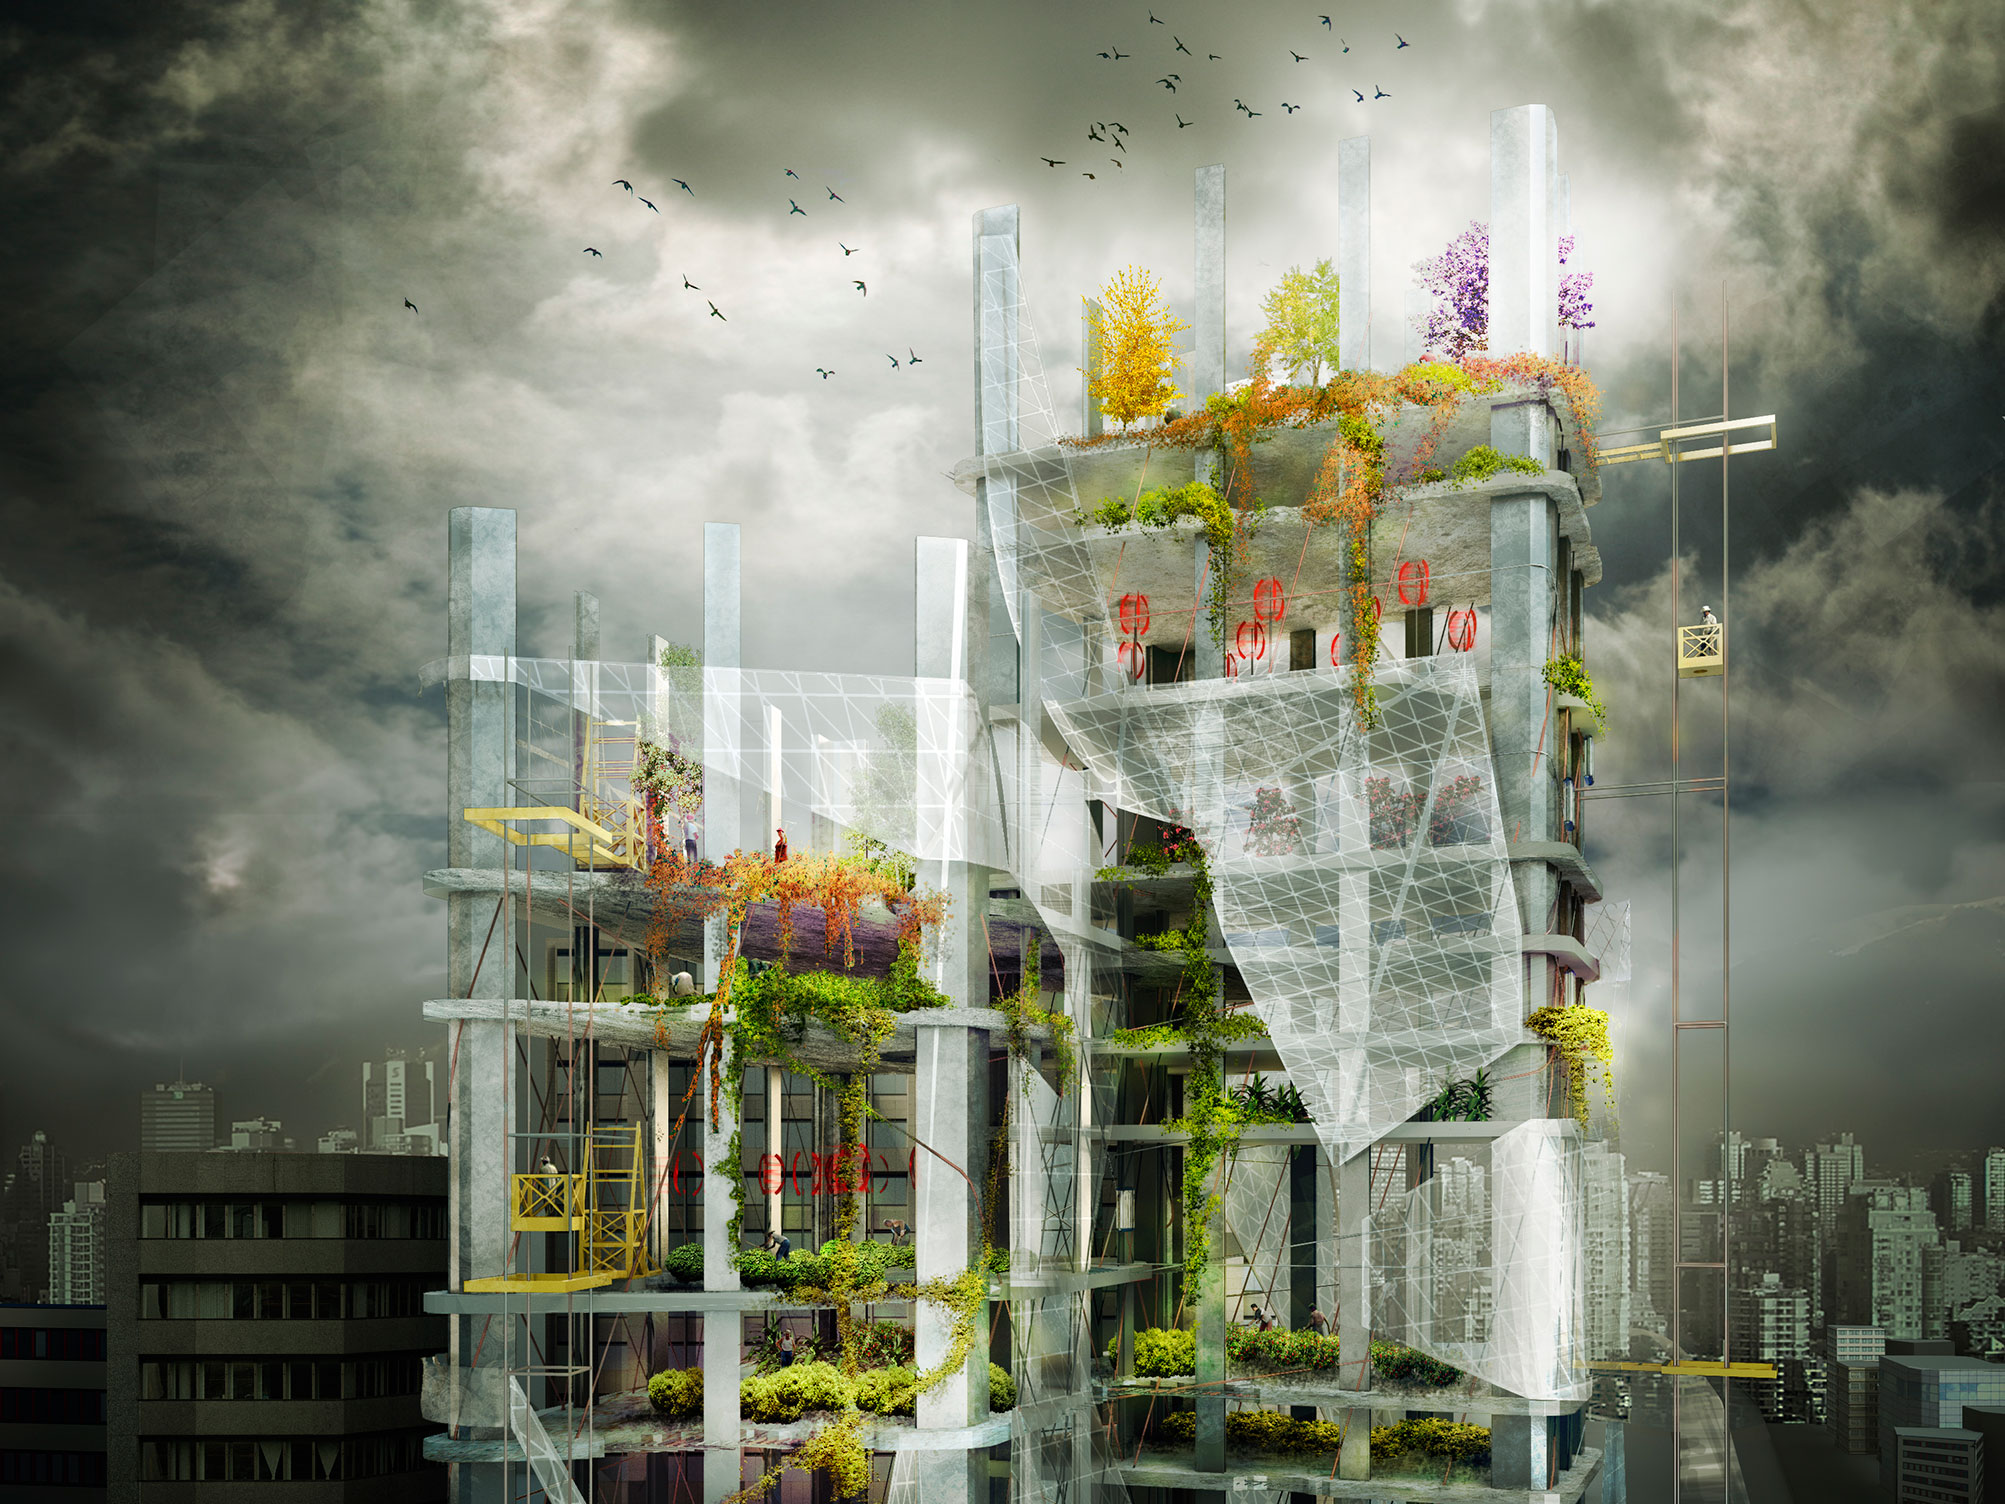 Innovación, lujo y espectacularidad, ¿fantasmas de ambiciones pasadas?